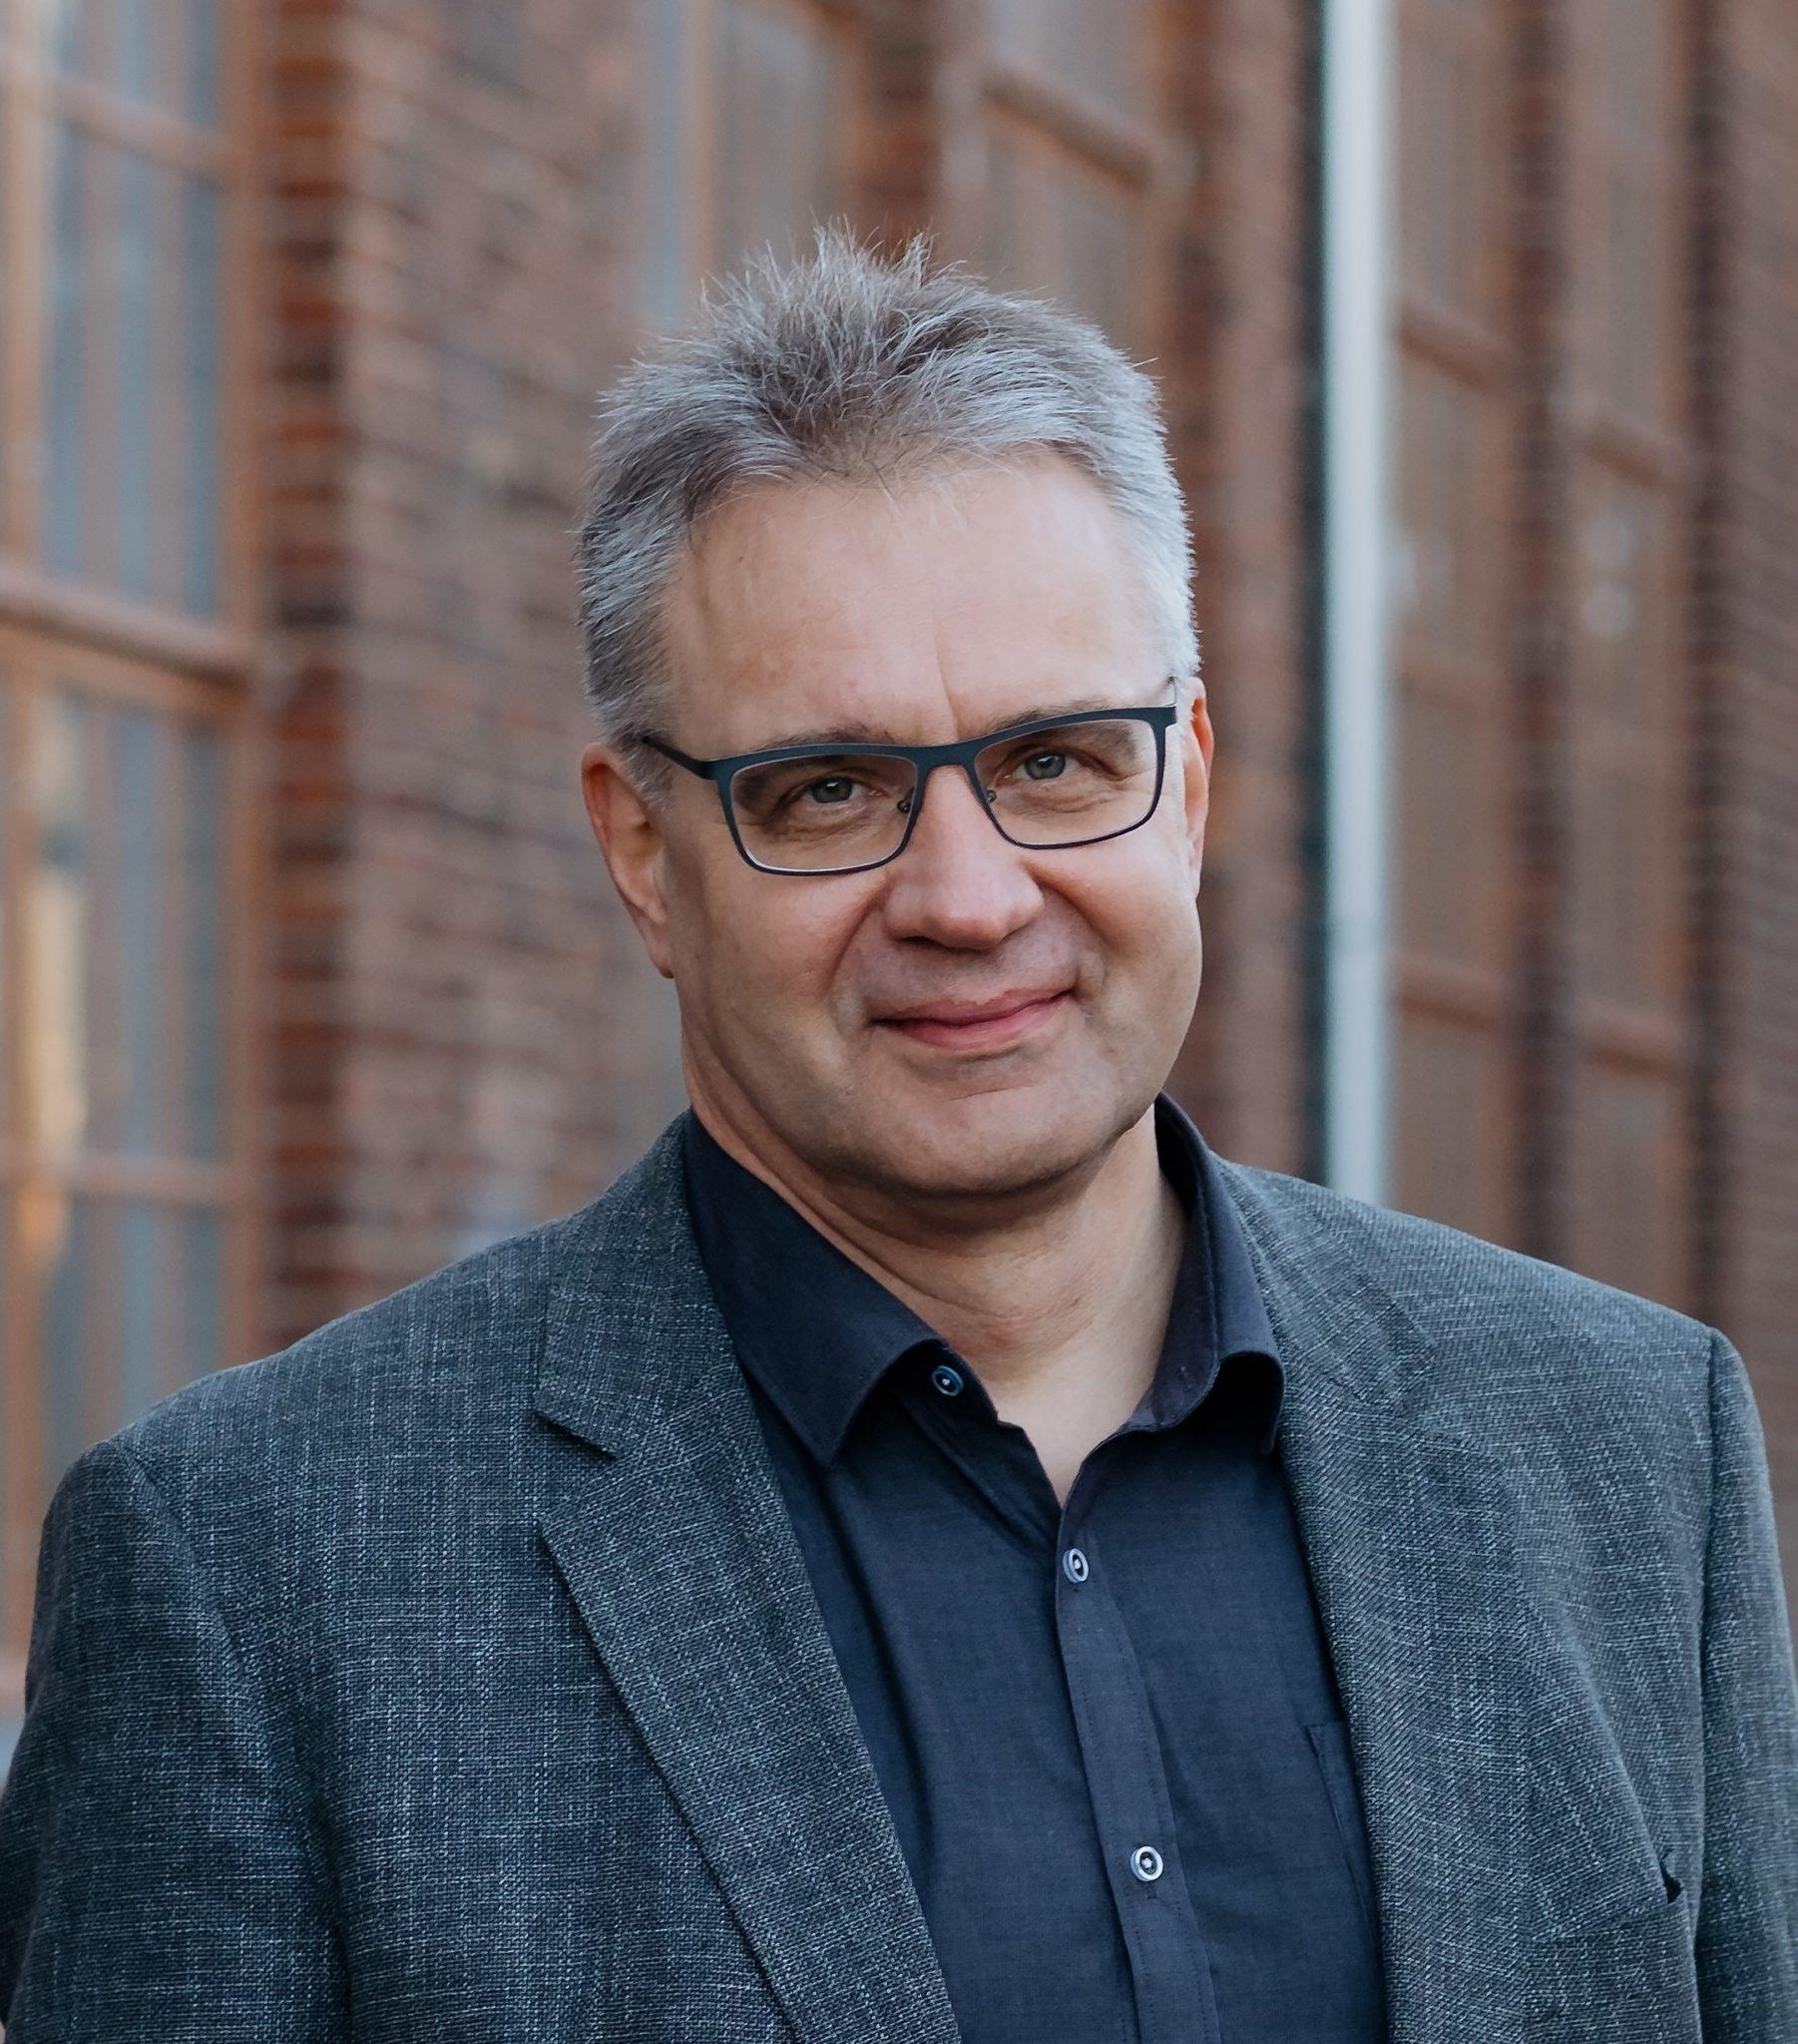 Petri Merisaari